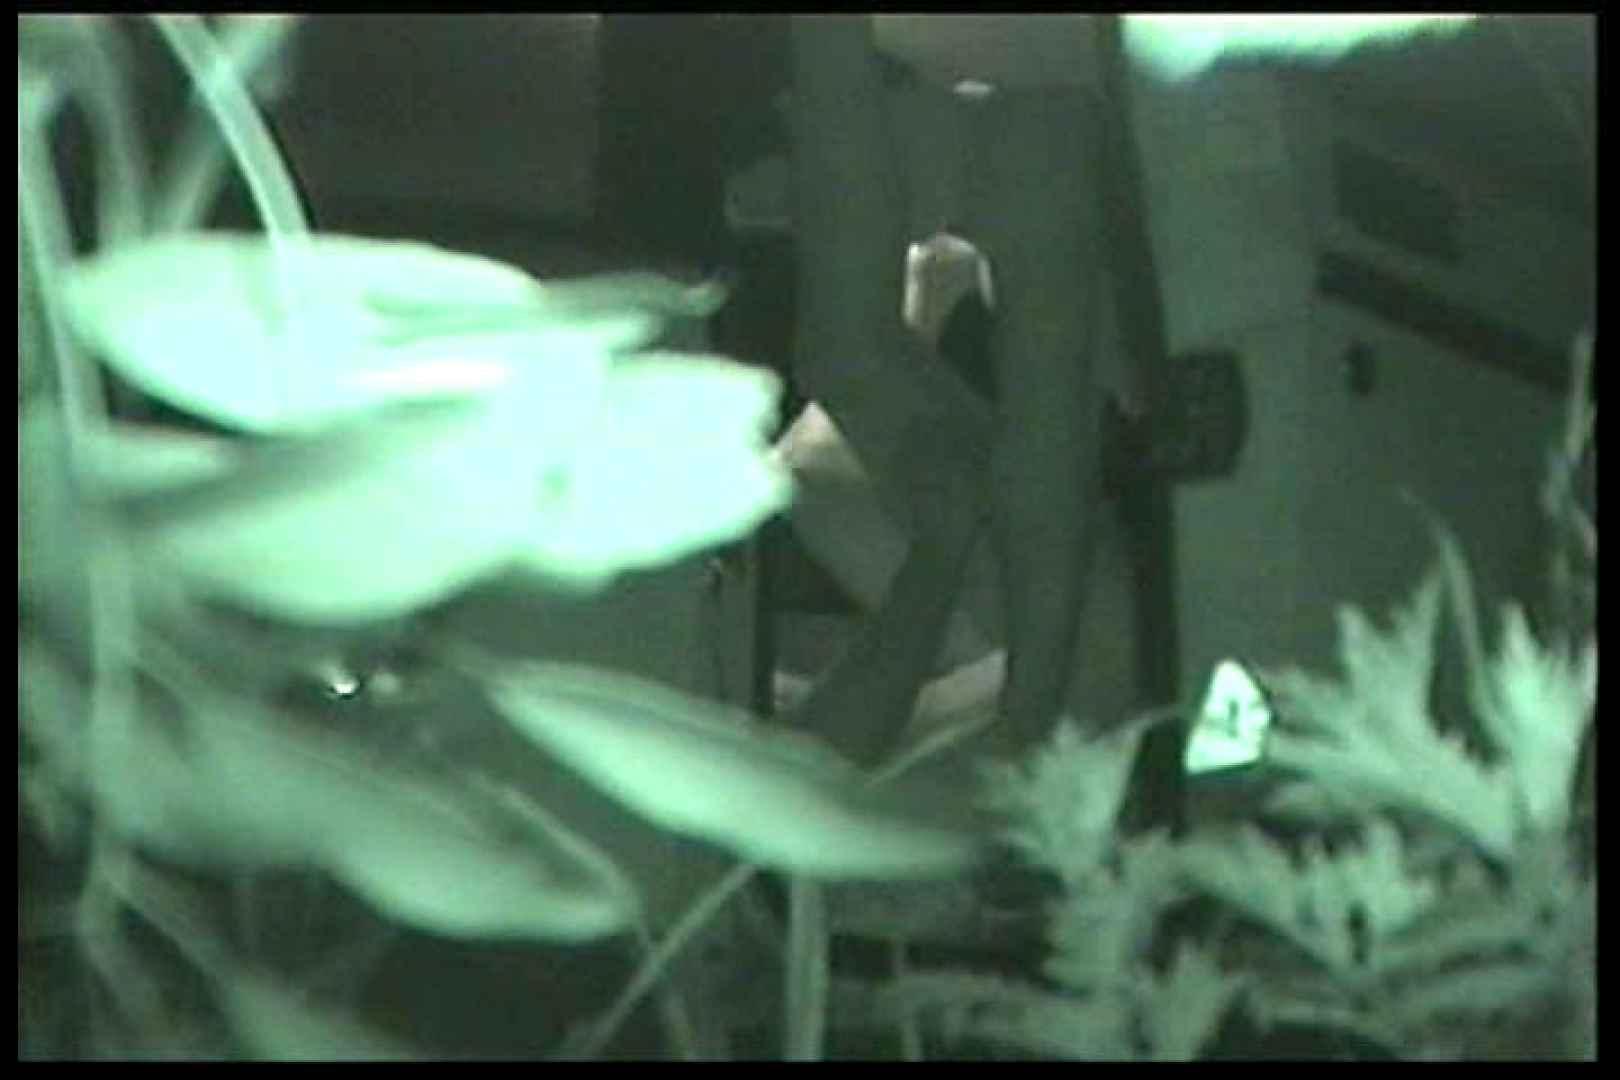 車の中はラブホテル 無修正版  Vol.15 ラブホテル 盗撮ヌード画像 89pic 48